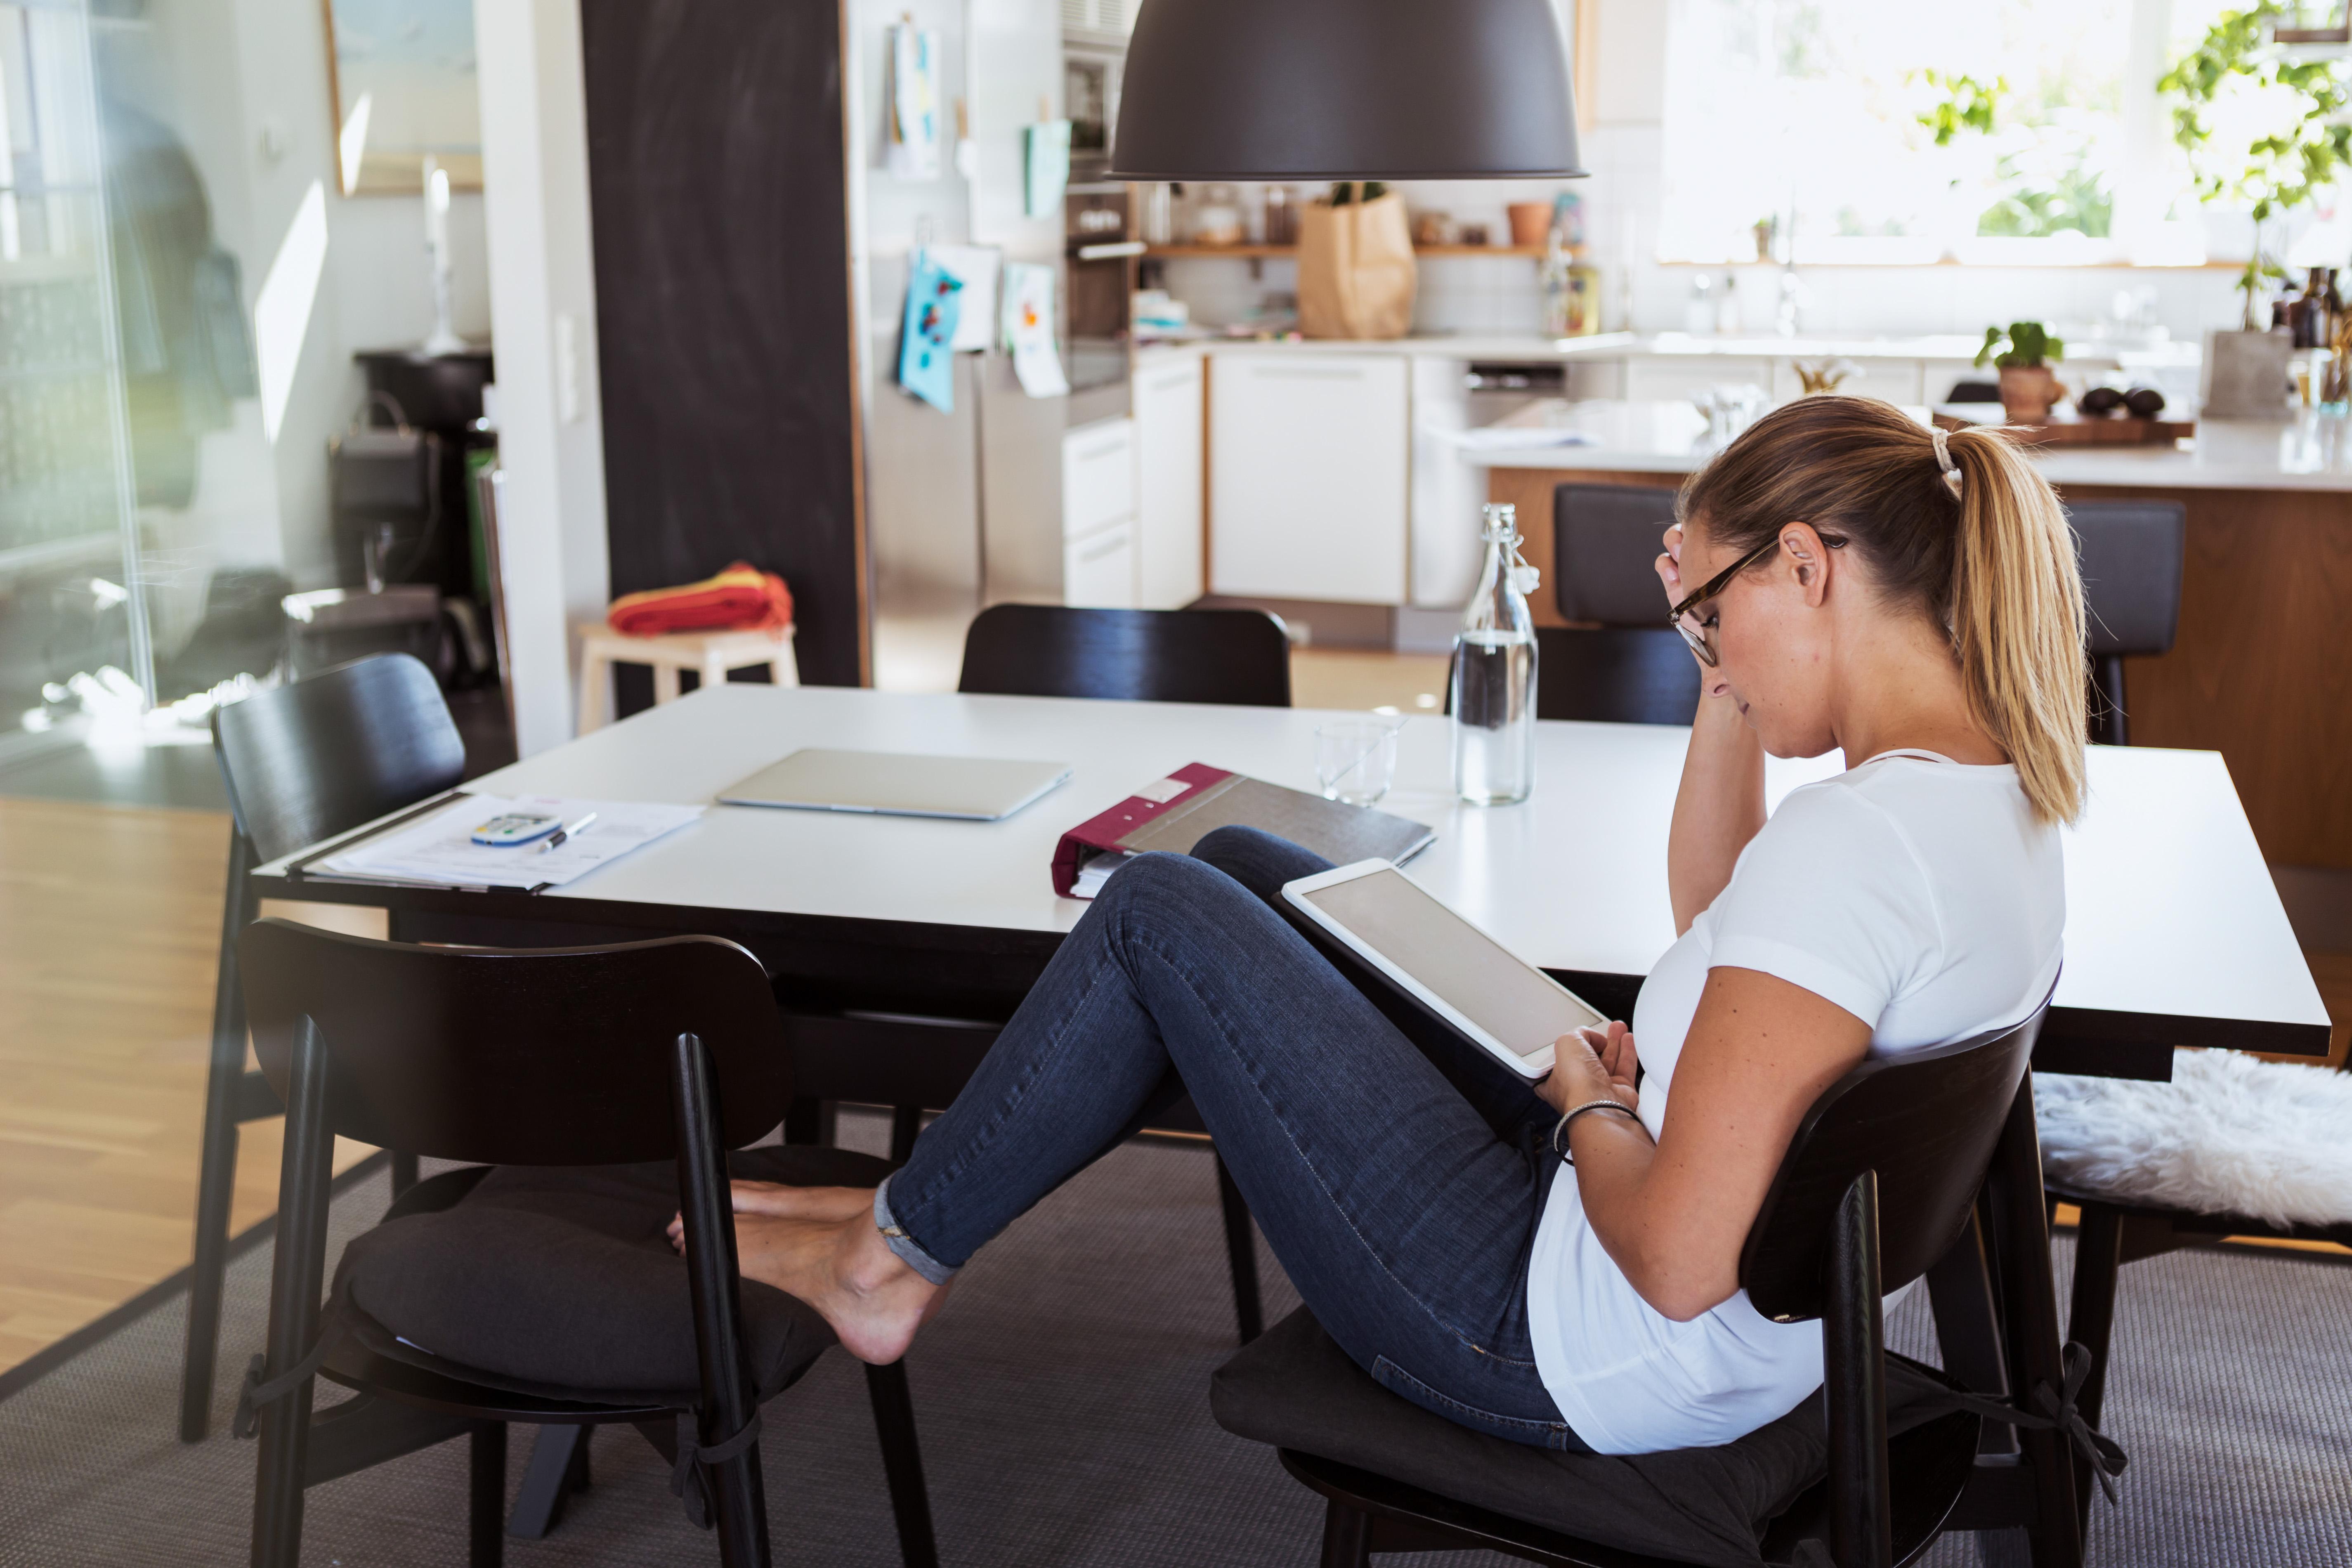 Kvinne leser på tablet ved kjøkkenbordet hjemme